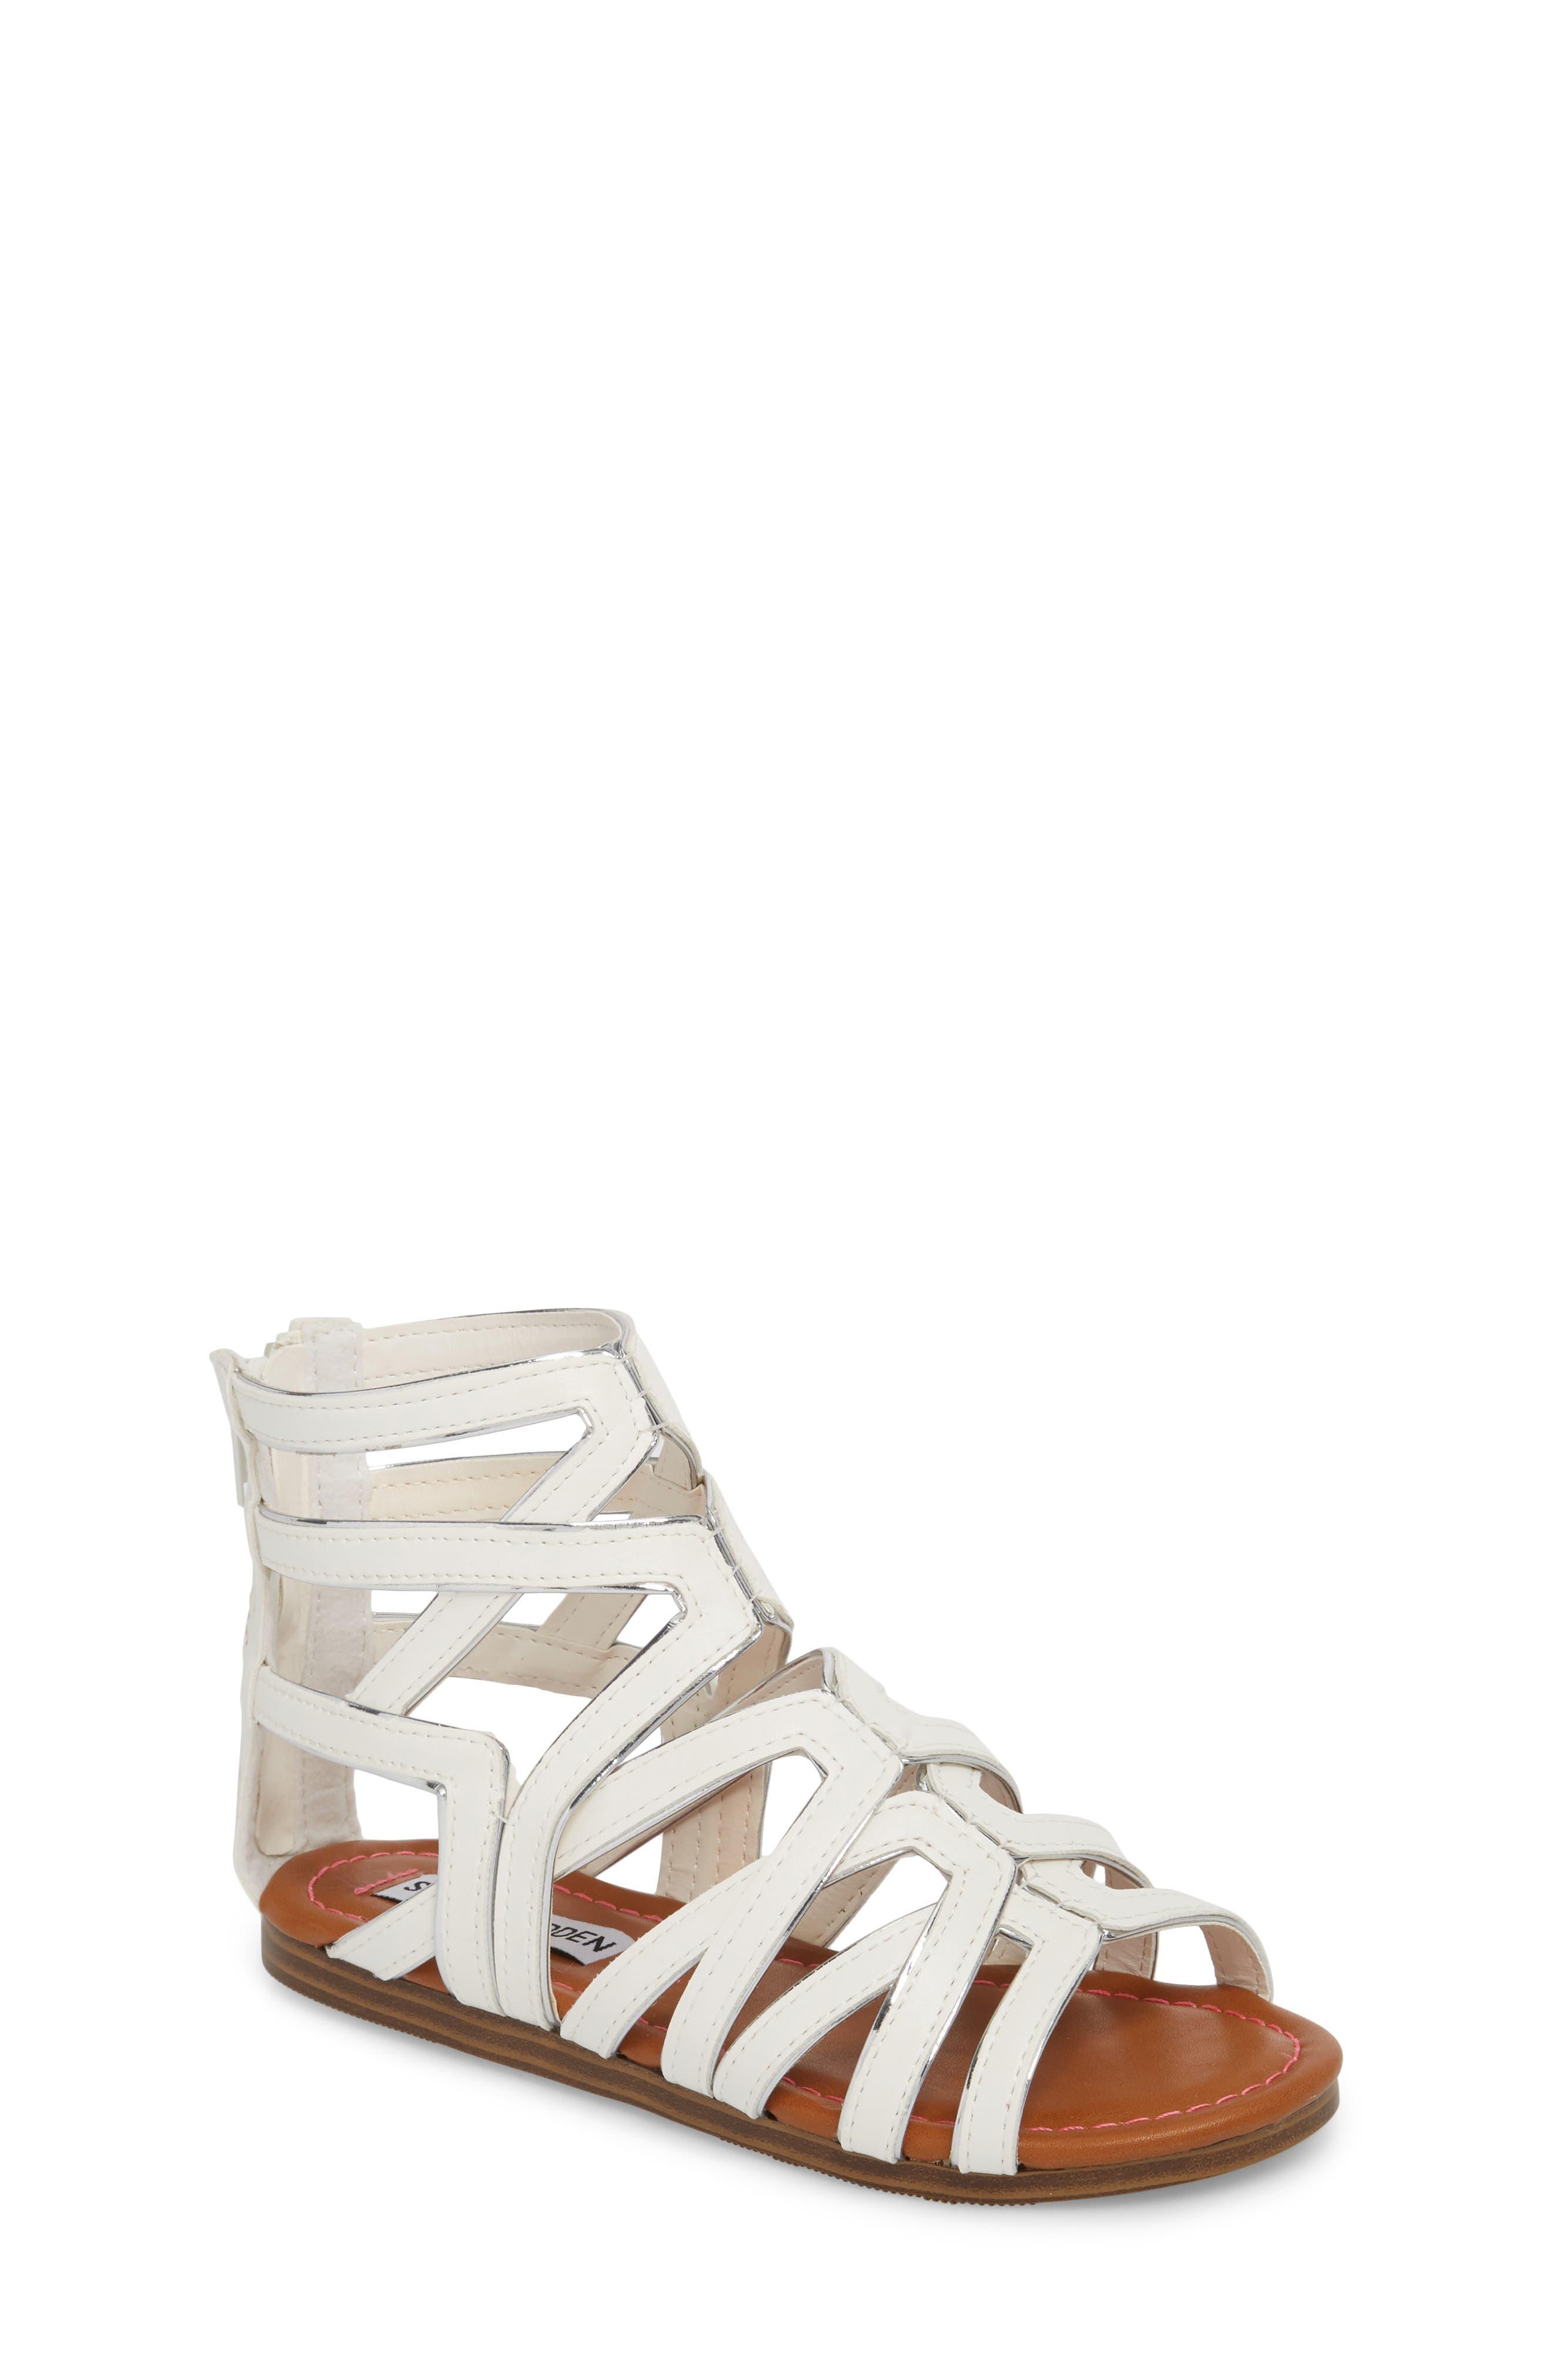 Jessence Gladiator Sandal,                             Main thumbnail 1, color,                             White